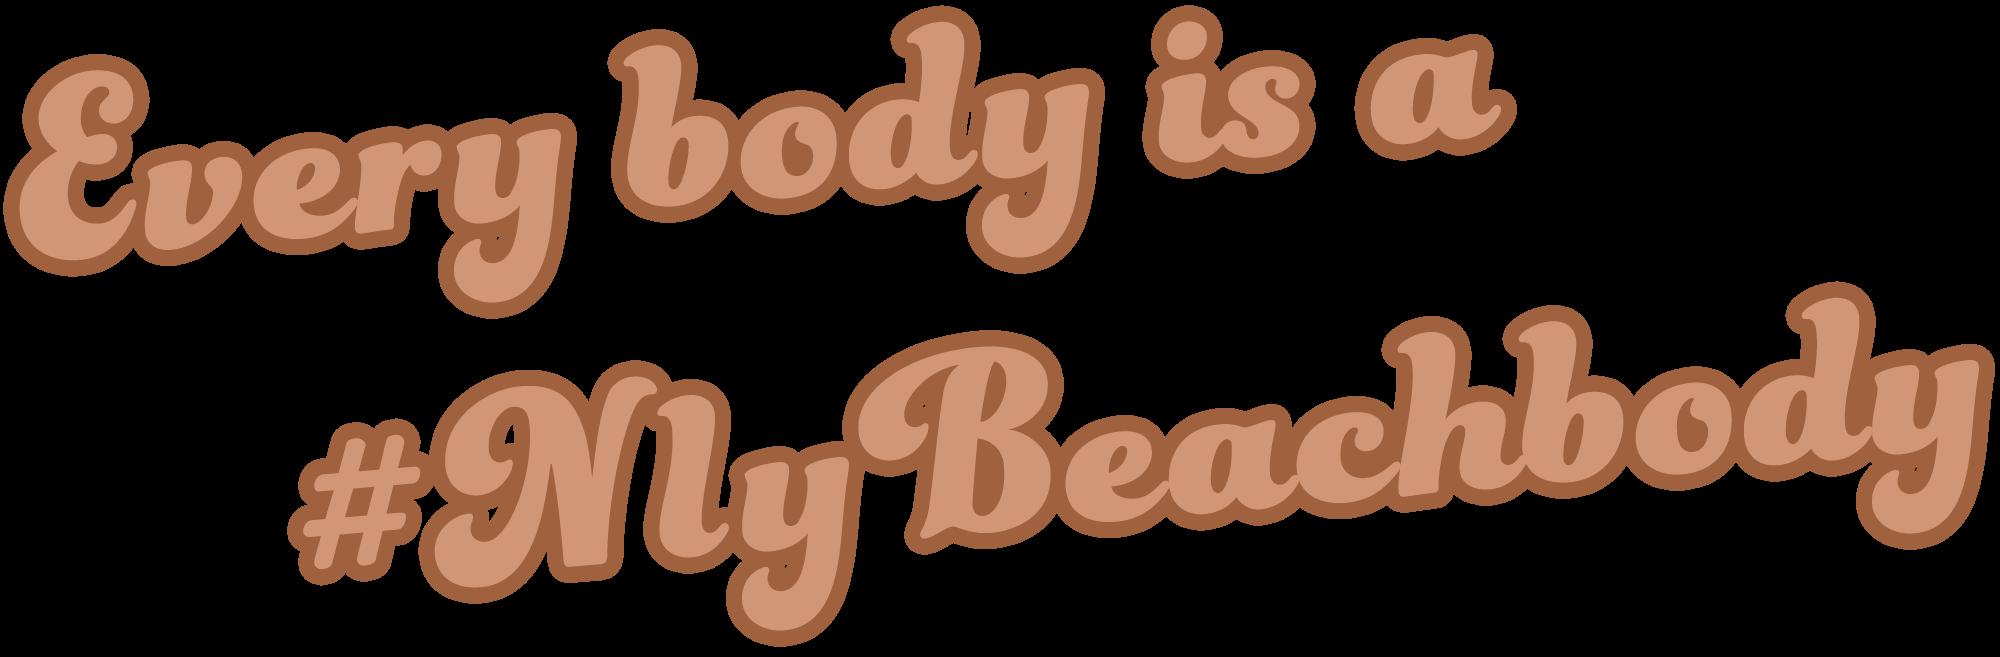 #nlybeachbody